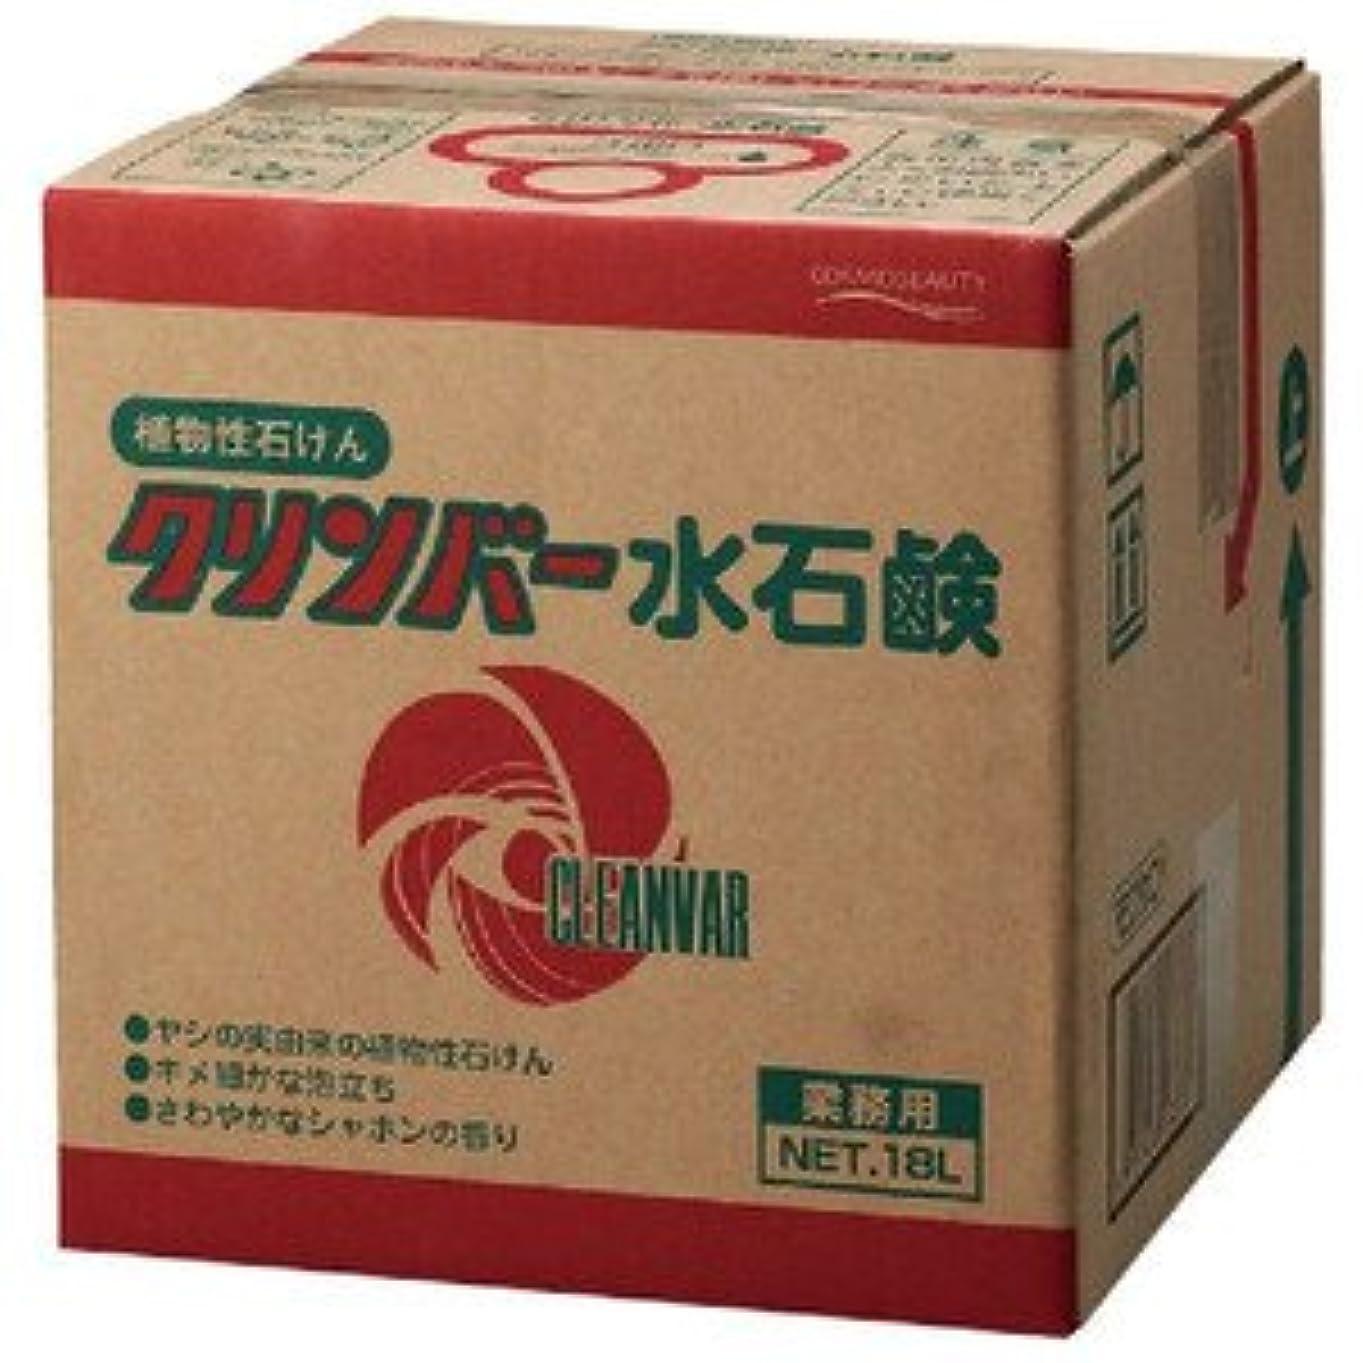 ポインタより良いコインランドリーコスモビューティー ヤシの実由来 業務用液体手洗い洗剤 ナチュラルソープ( 旧名:クリンバー水石鹸) 18L 16373